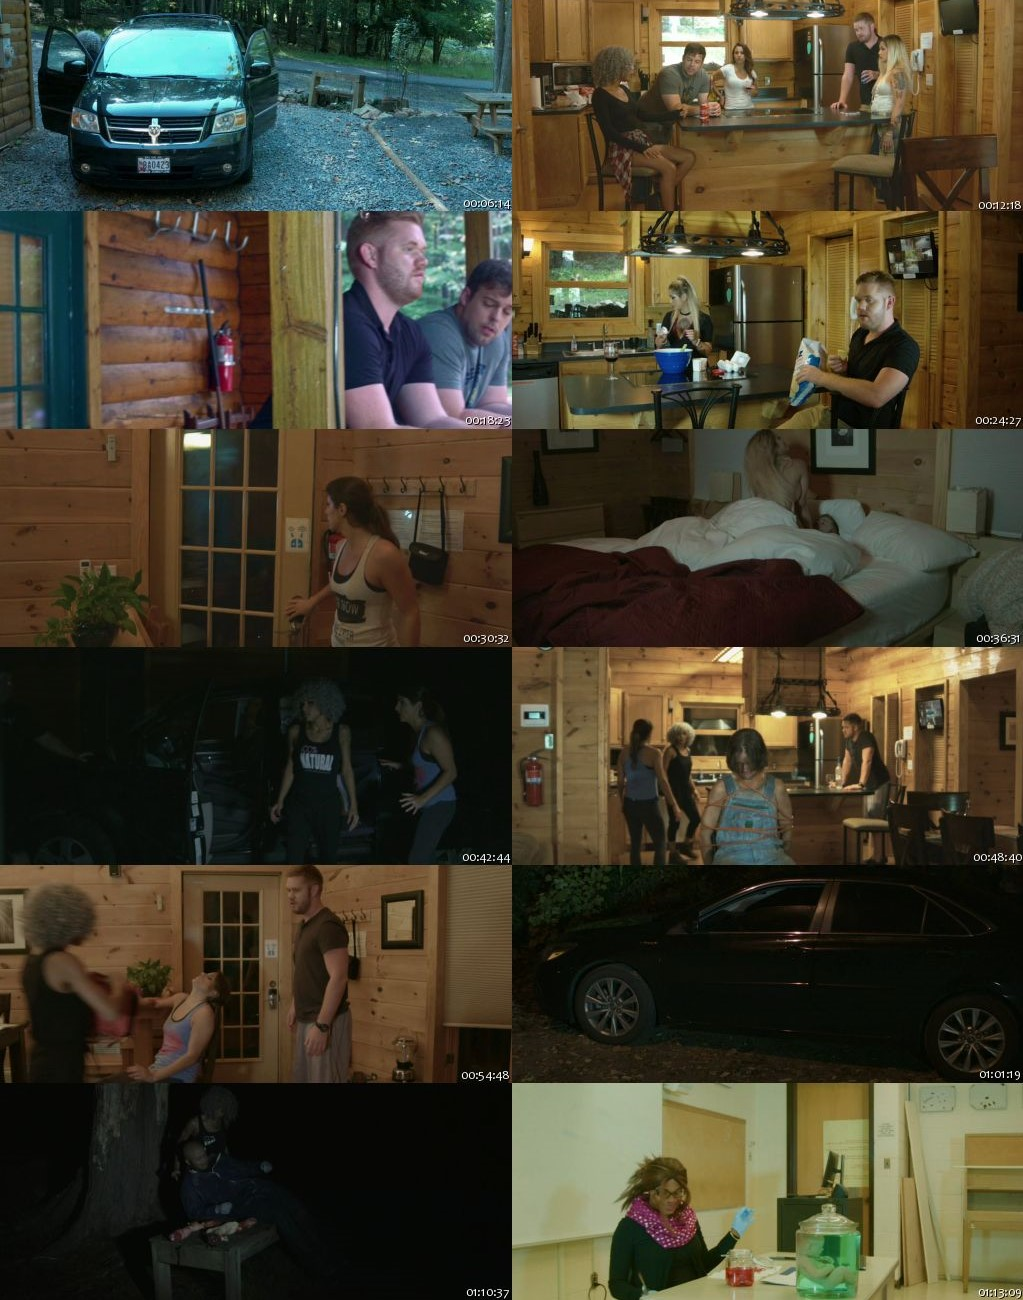 Alpine Lake 2020 Full English Movie Online Watch HDRip 480p 300Mb